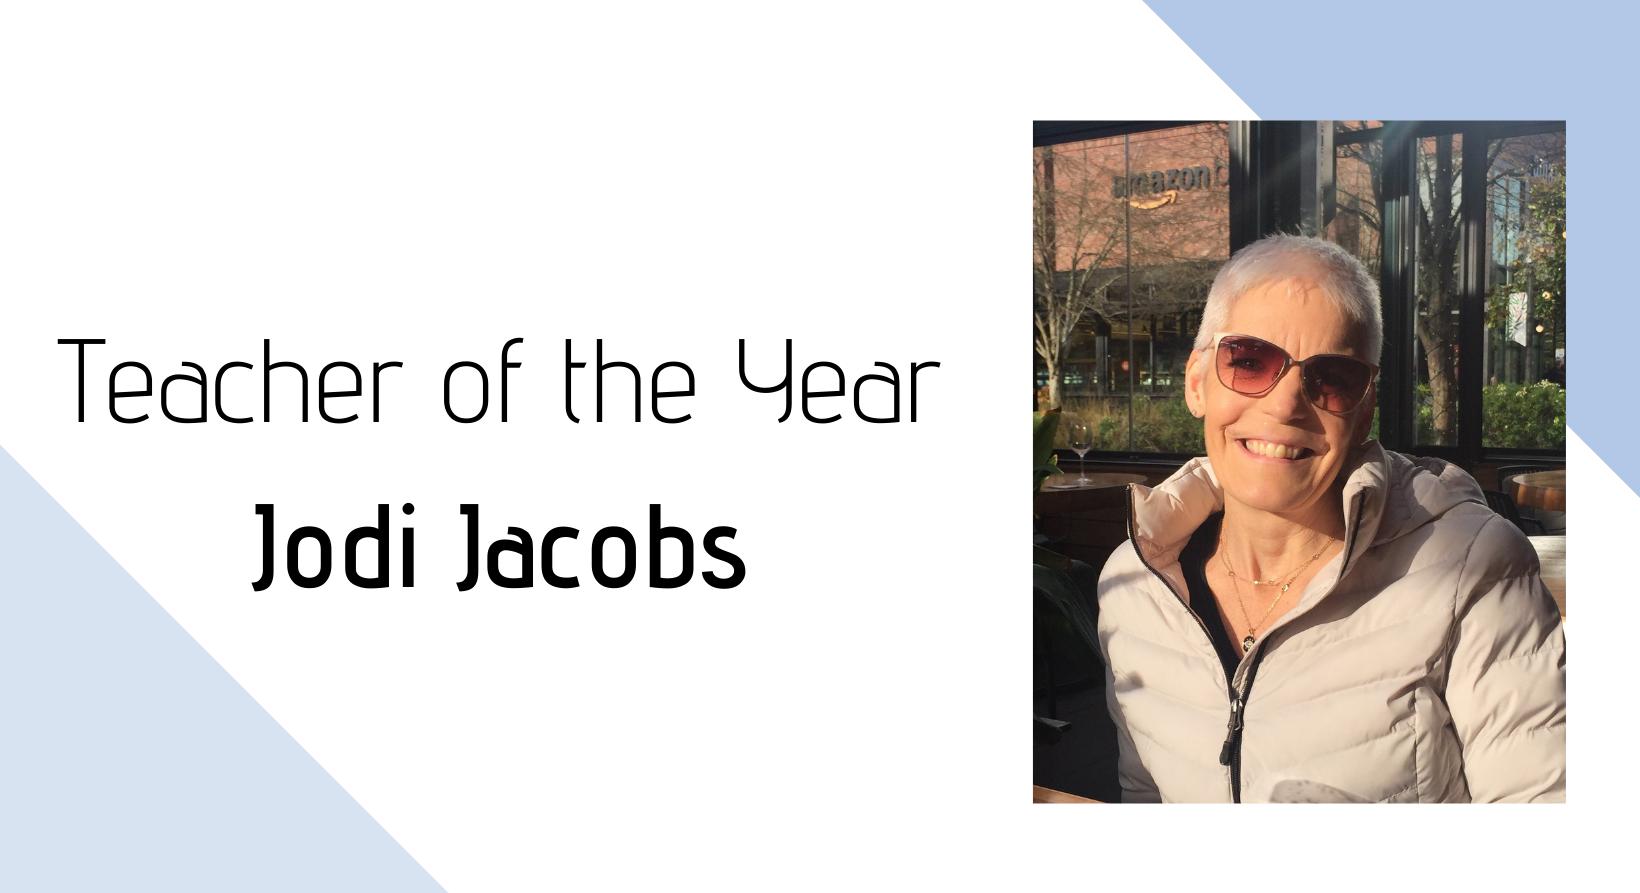 Jodi Jacobs